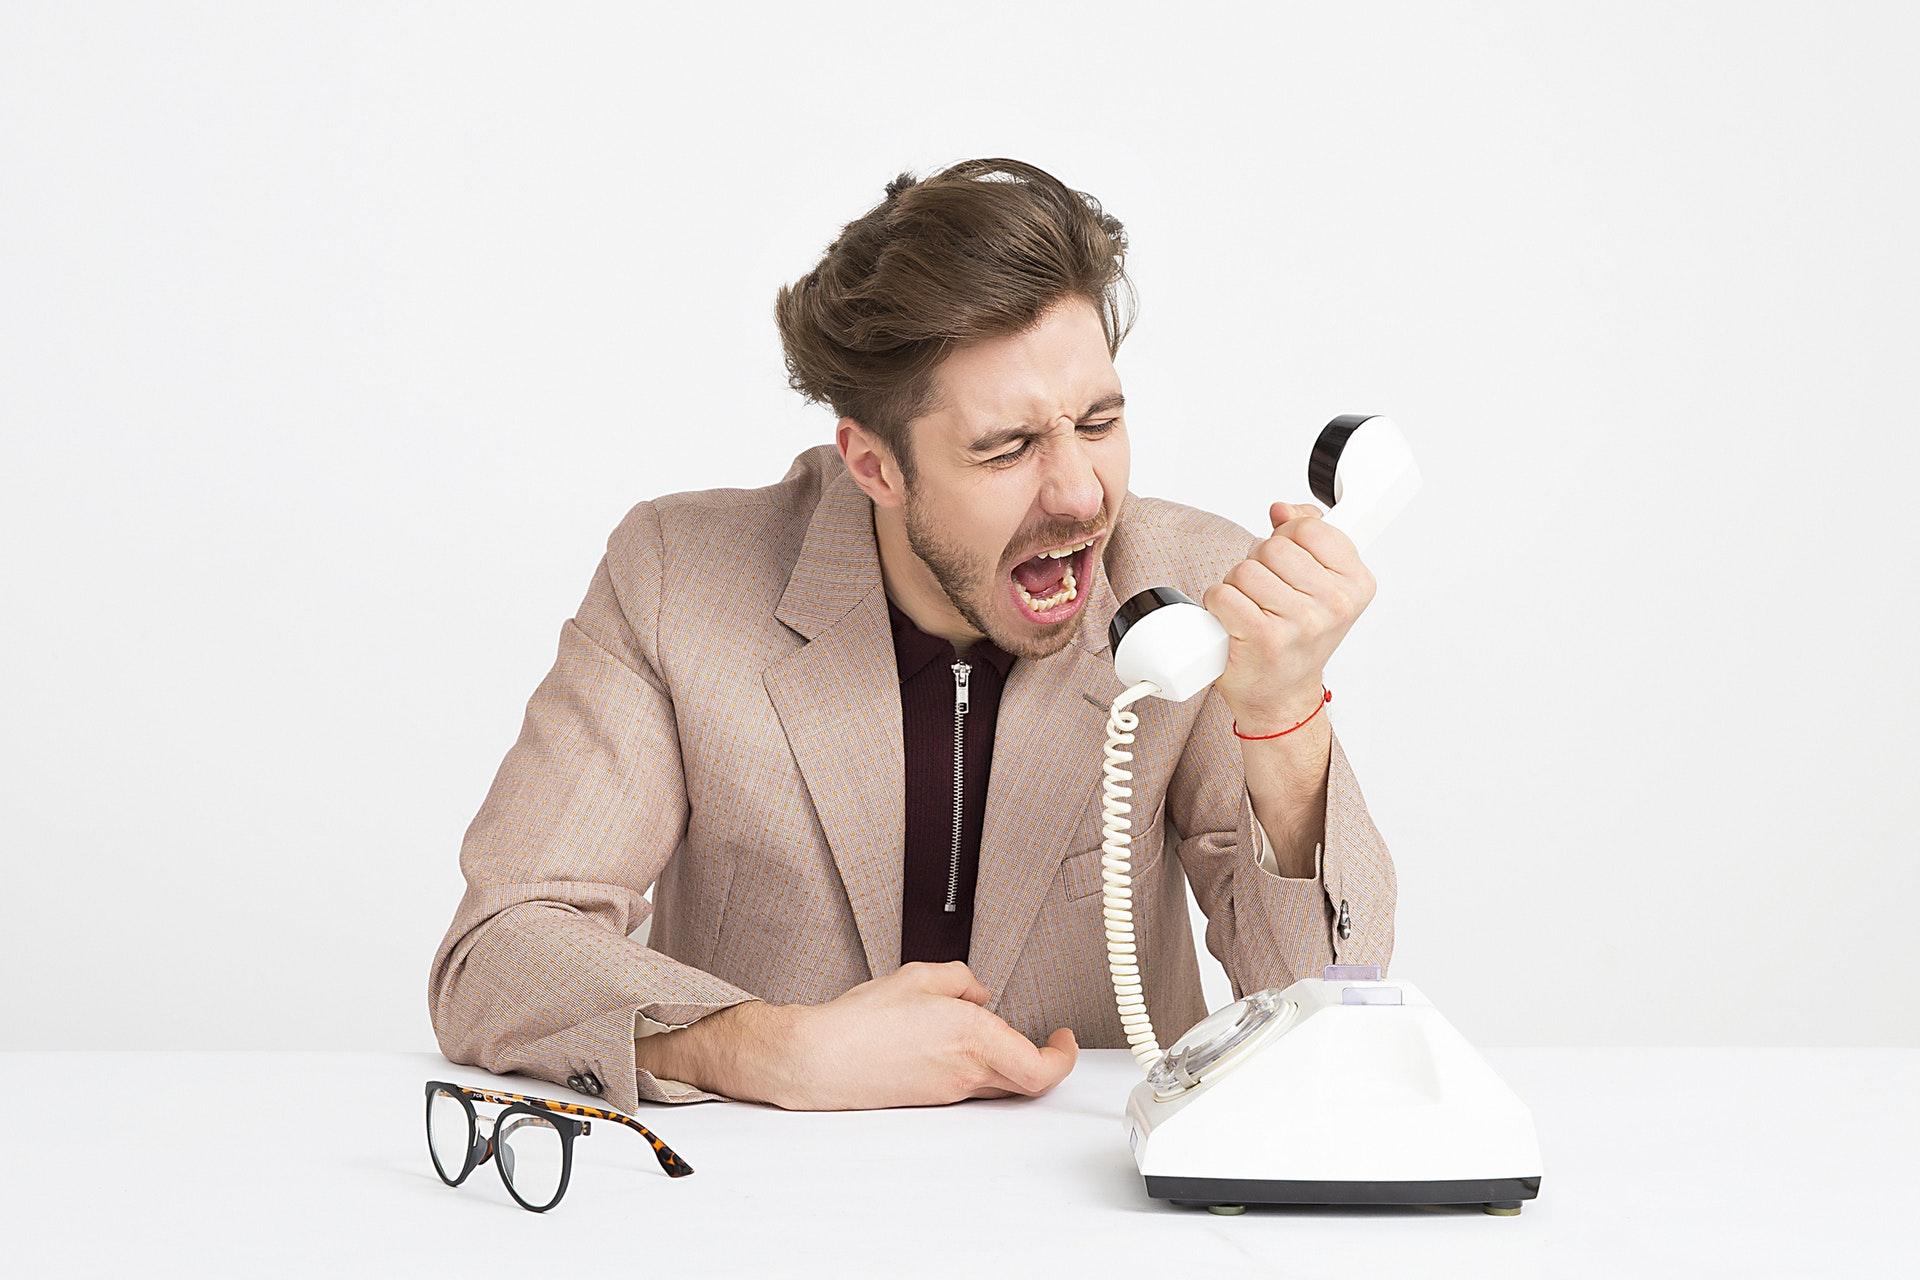 Плеер разрушает мозг офисных работников в 2019 году